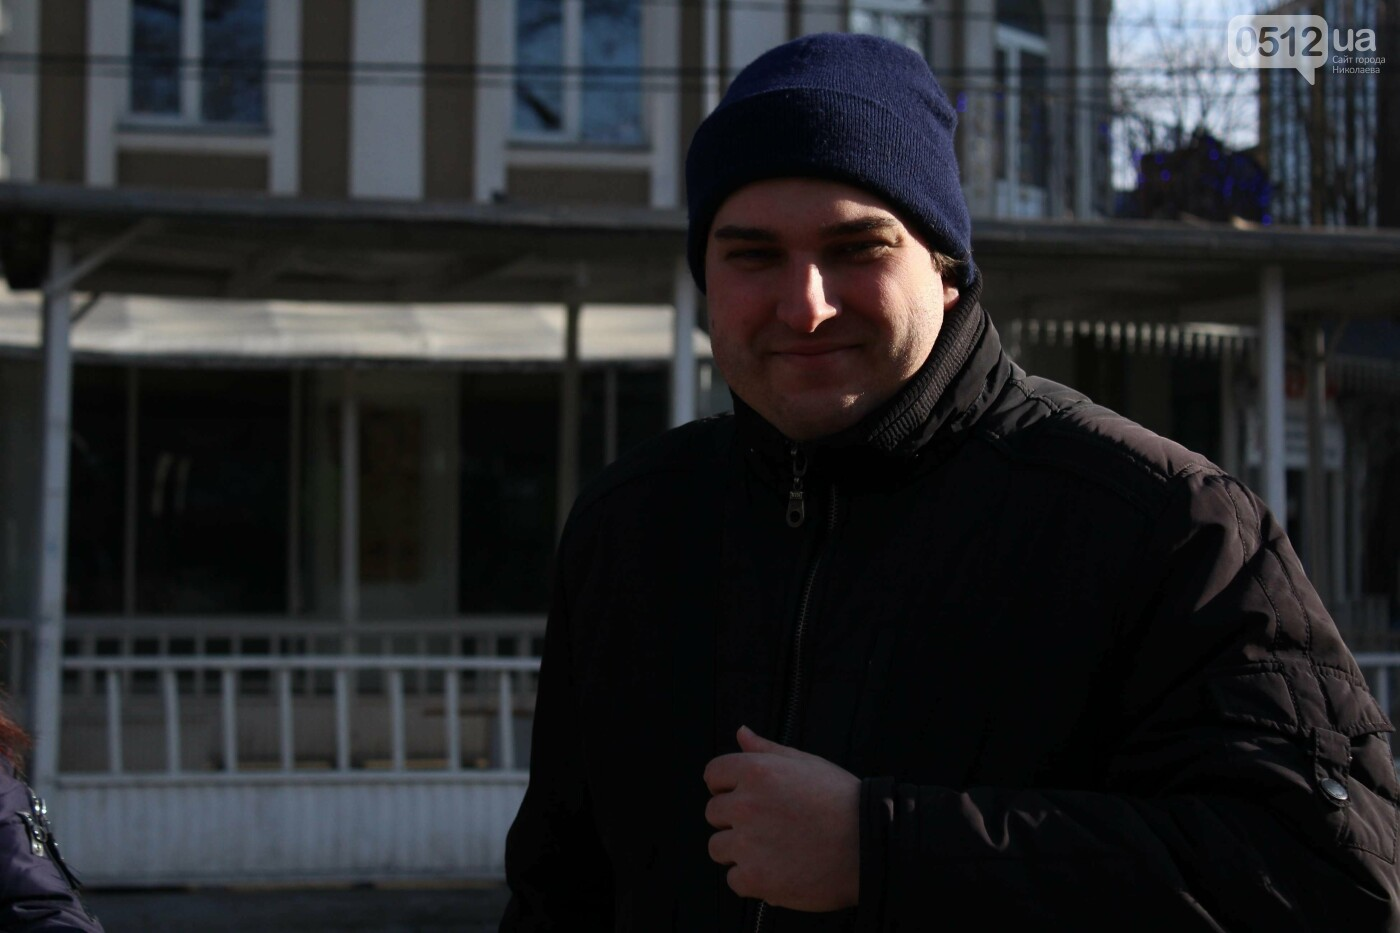 Всемирный день объятий: николаевские журналисты решили порадовать случайных прохожих, - ФОТО, фото-15